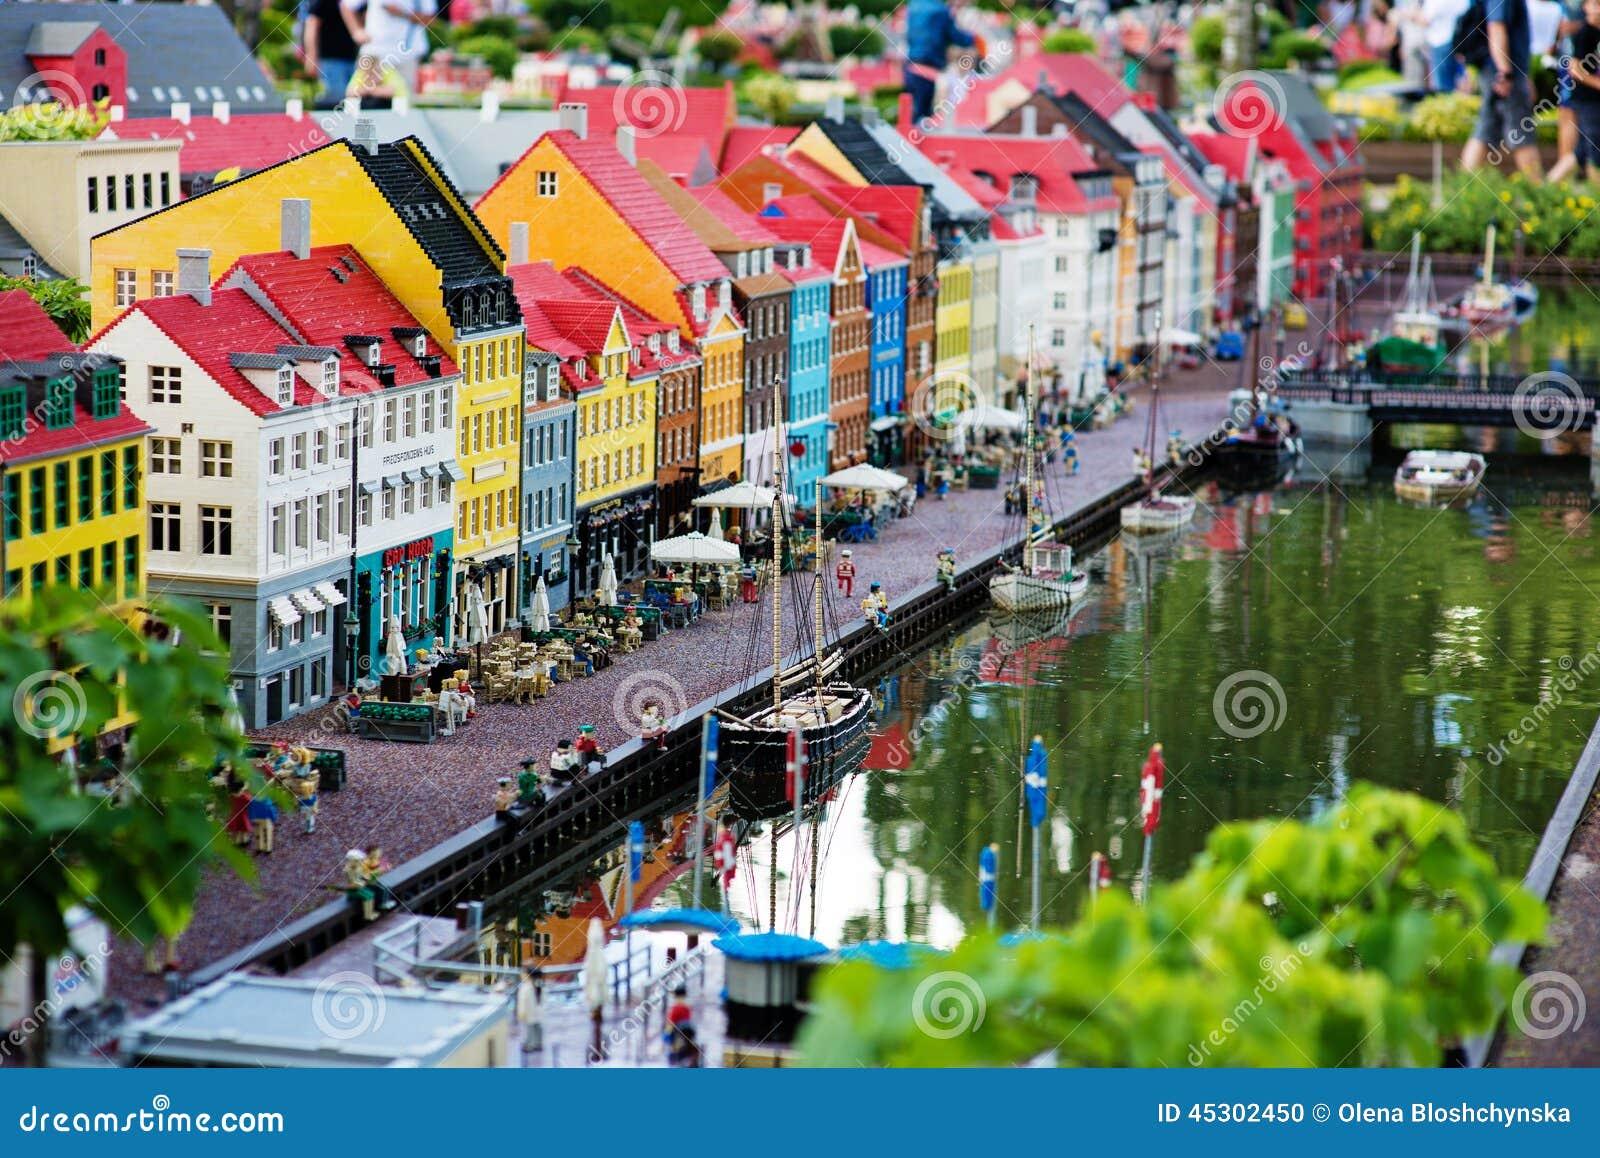 Billund July 31 2013 Legoland In Billund Denmark On